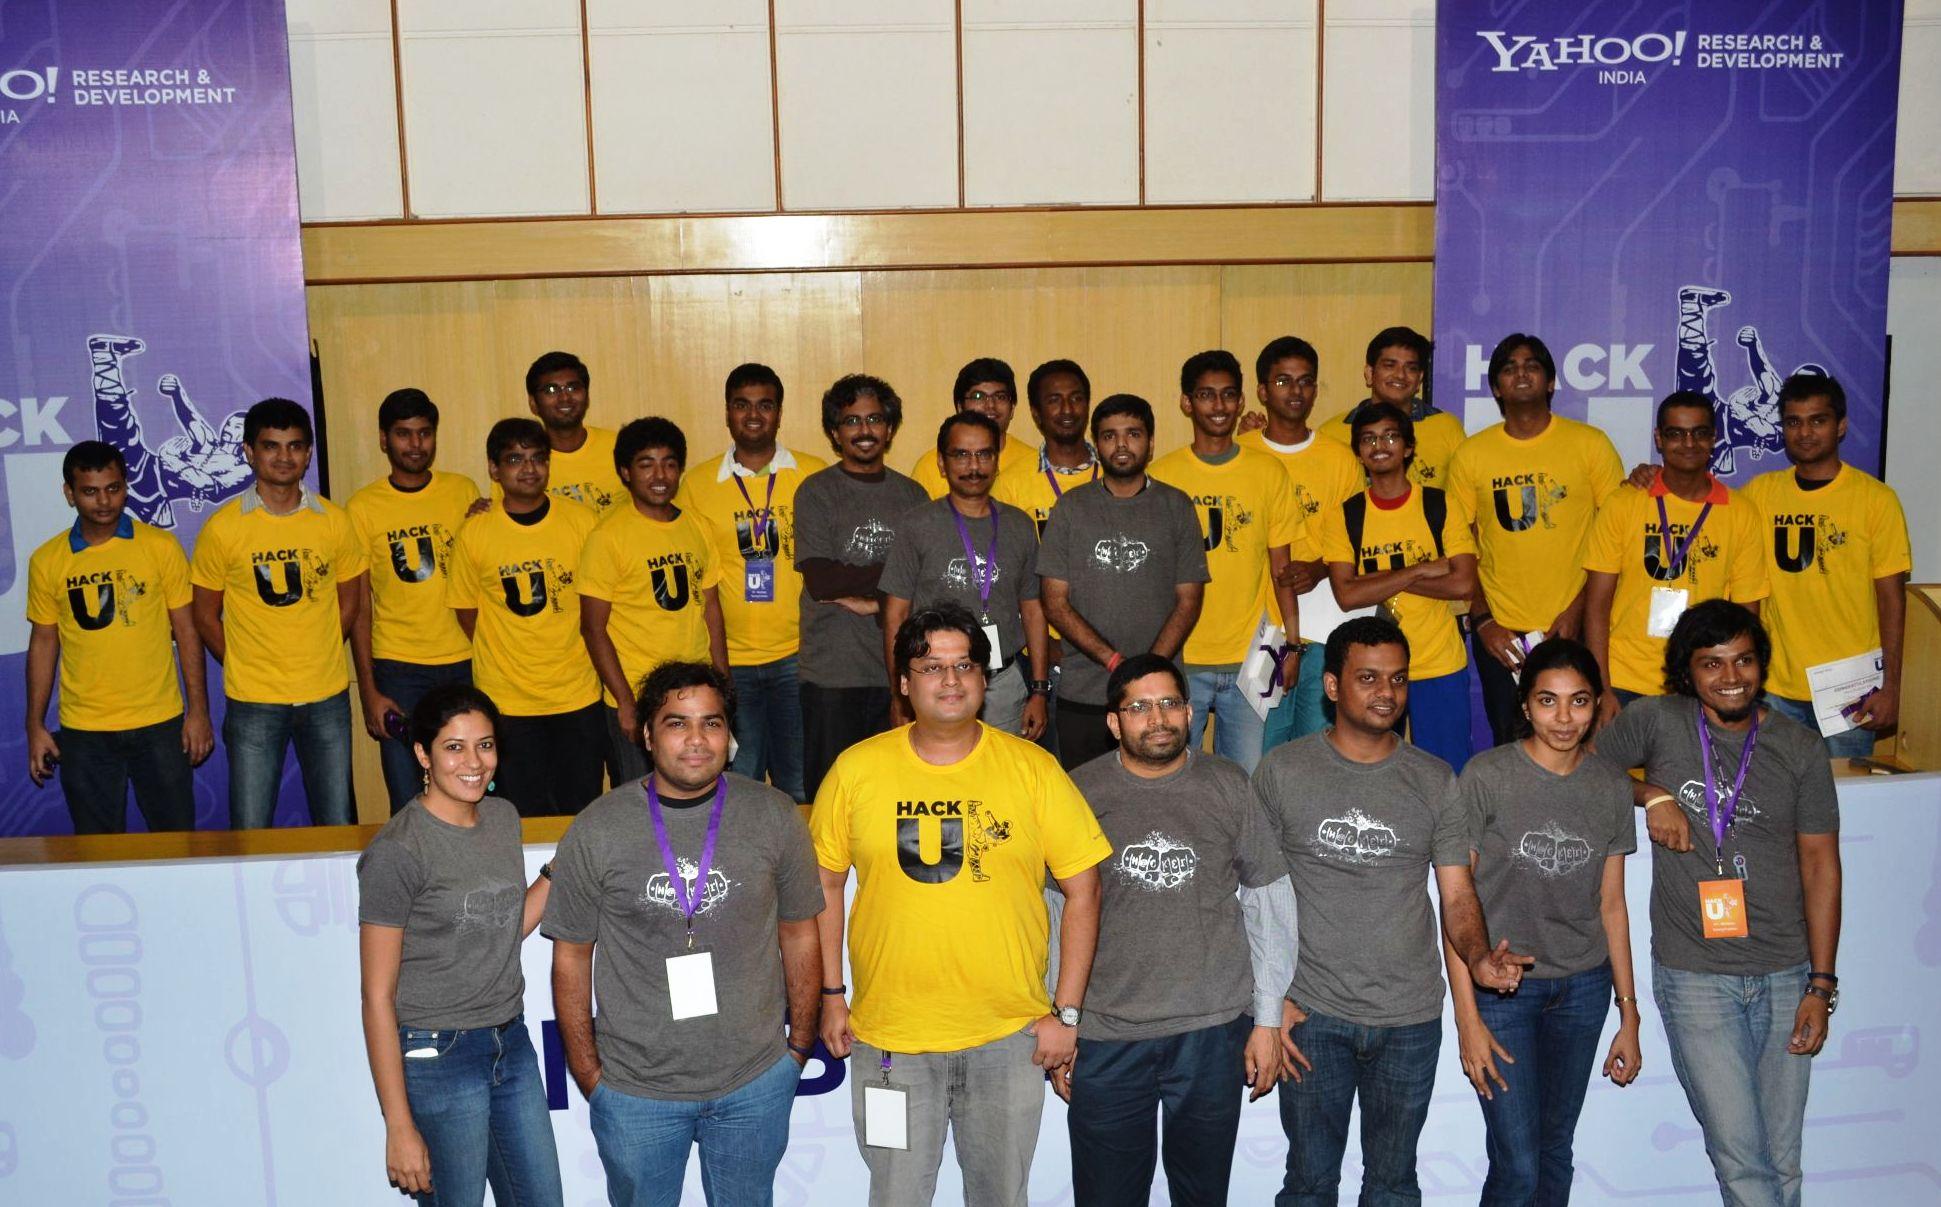 Yahoo! India R&D hosts 'HACK U' at IIT Bombay